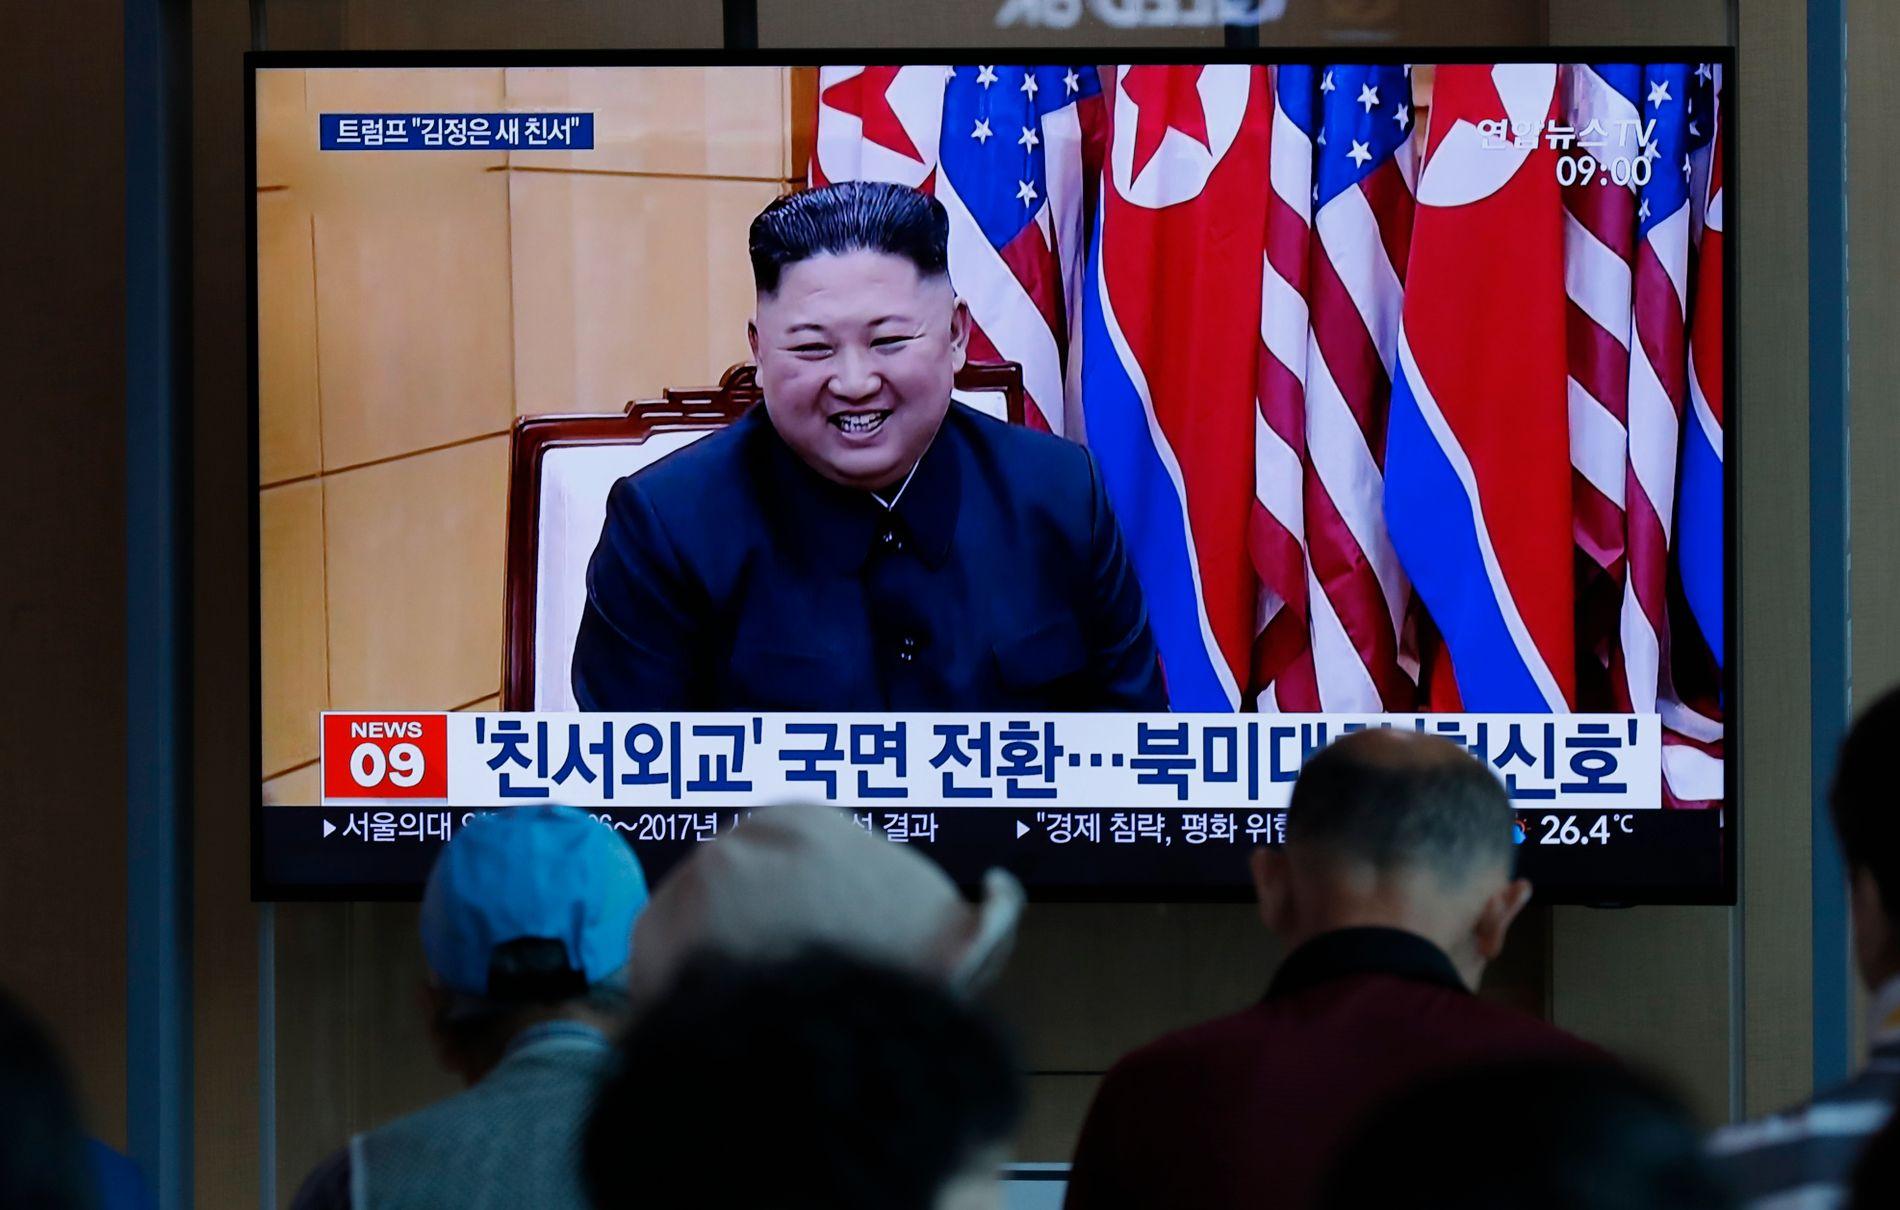 FULGTE MED: Nord-Koreas leder Kim Jong-un skal ha overvåket testen av et nytt taktisk våpen lørdag.